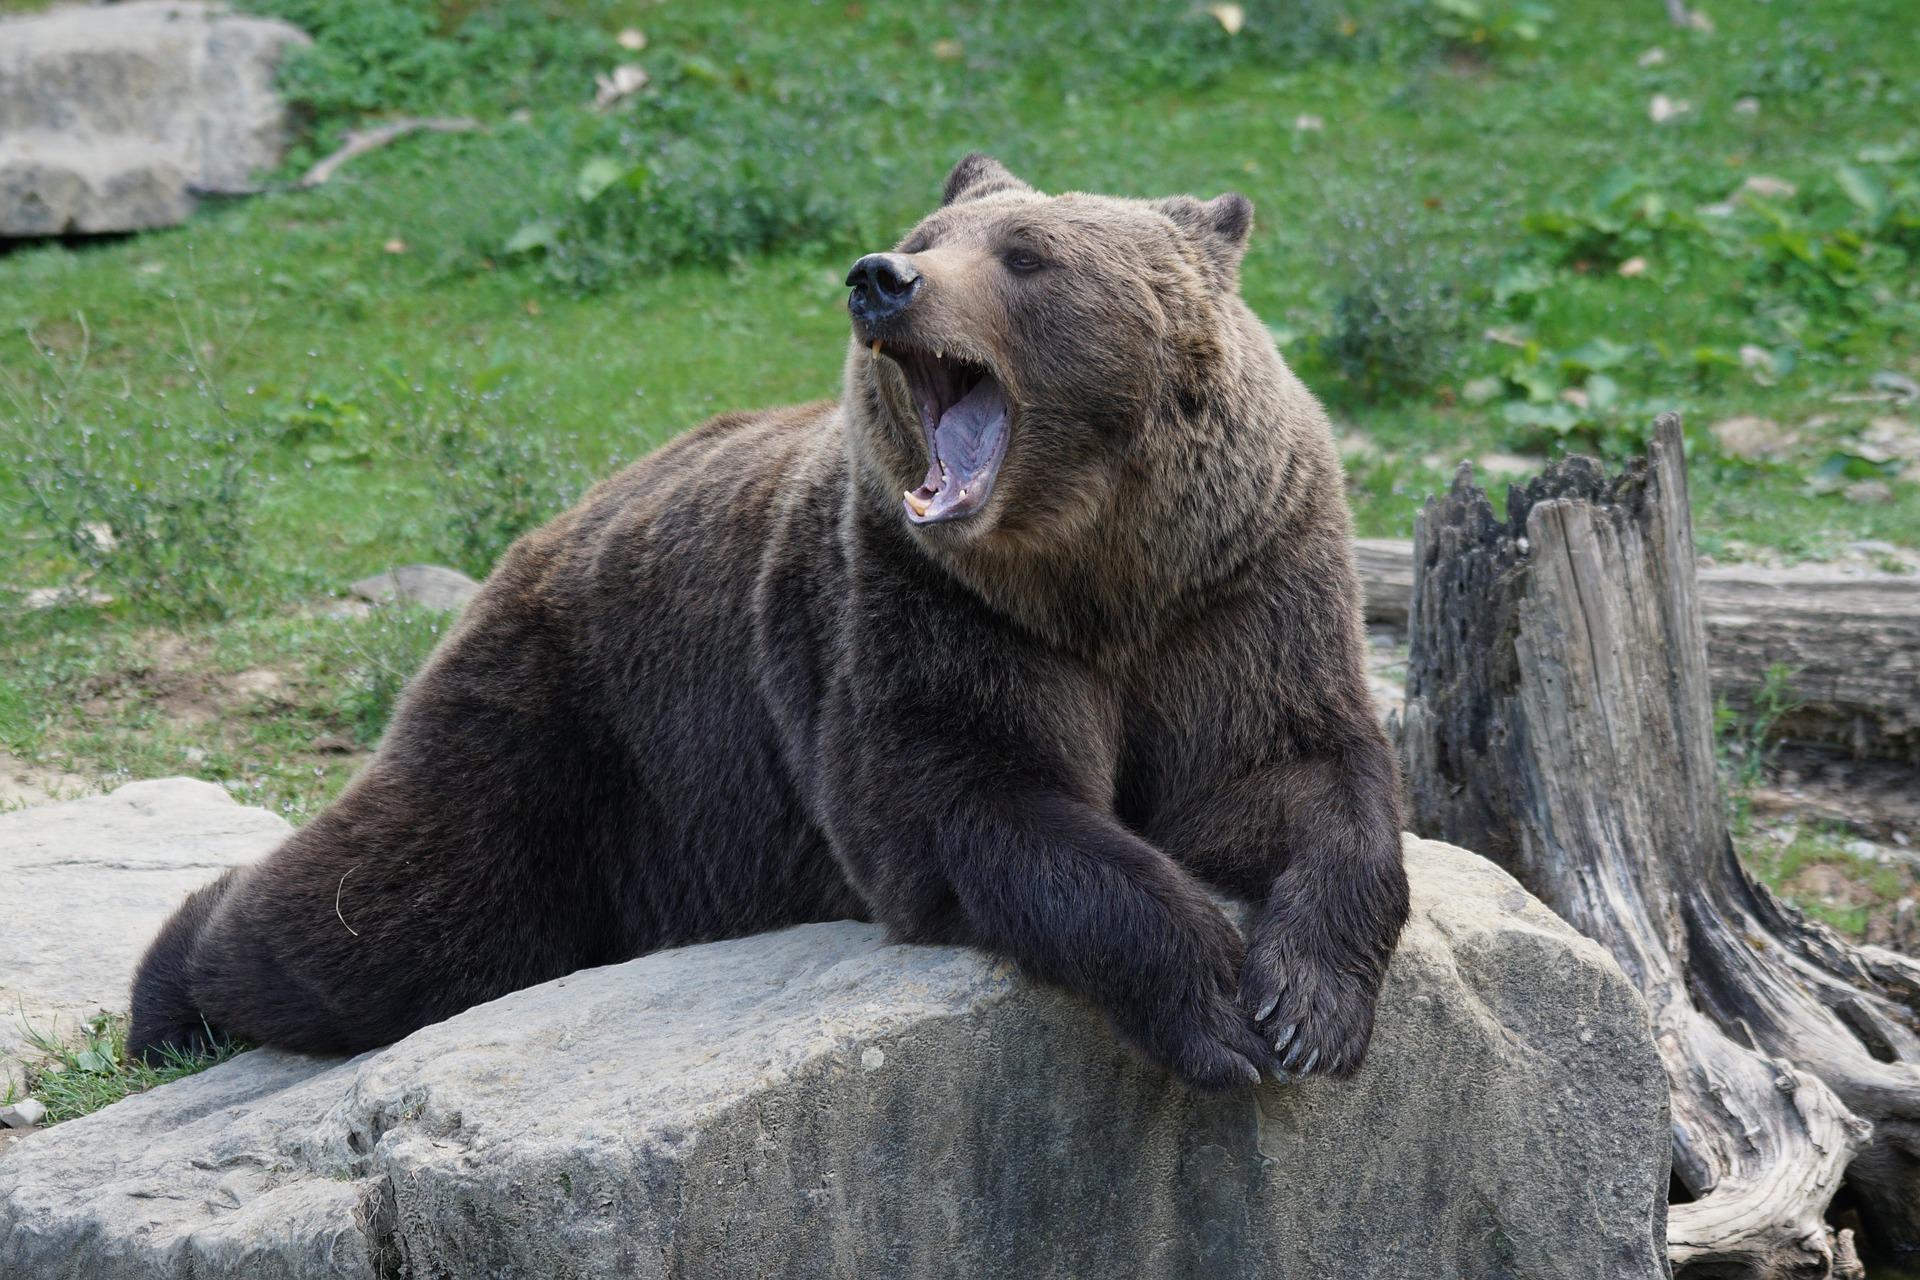 Der Braunbär ist schon müde - macht er bald Winterschlaf (via Pixabay von Marcel Tingham)